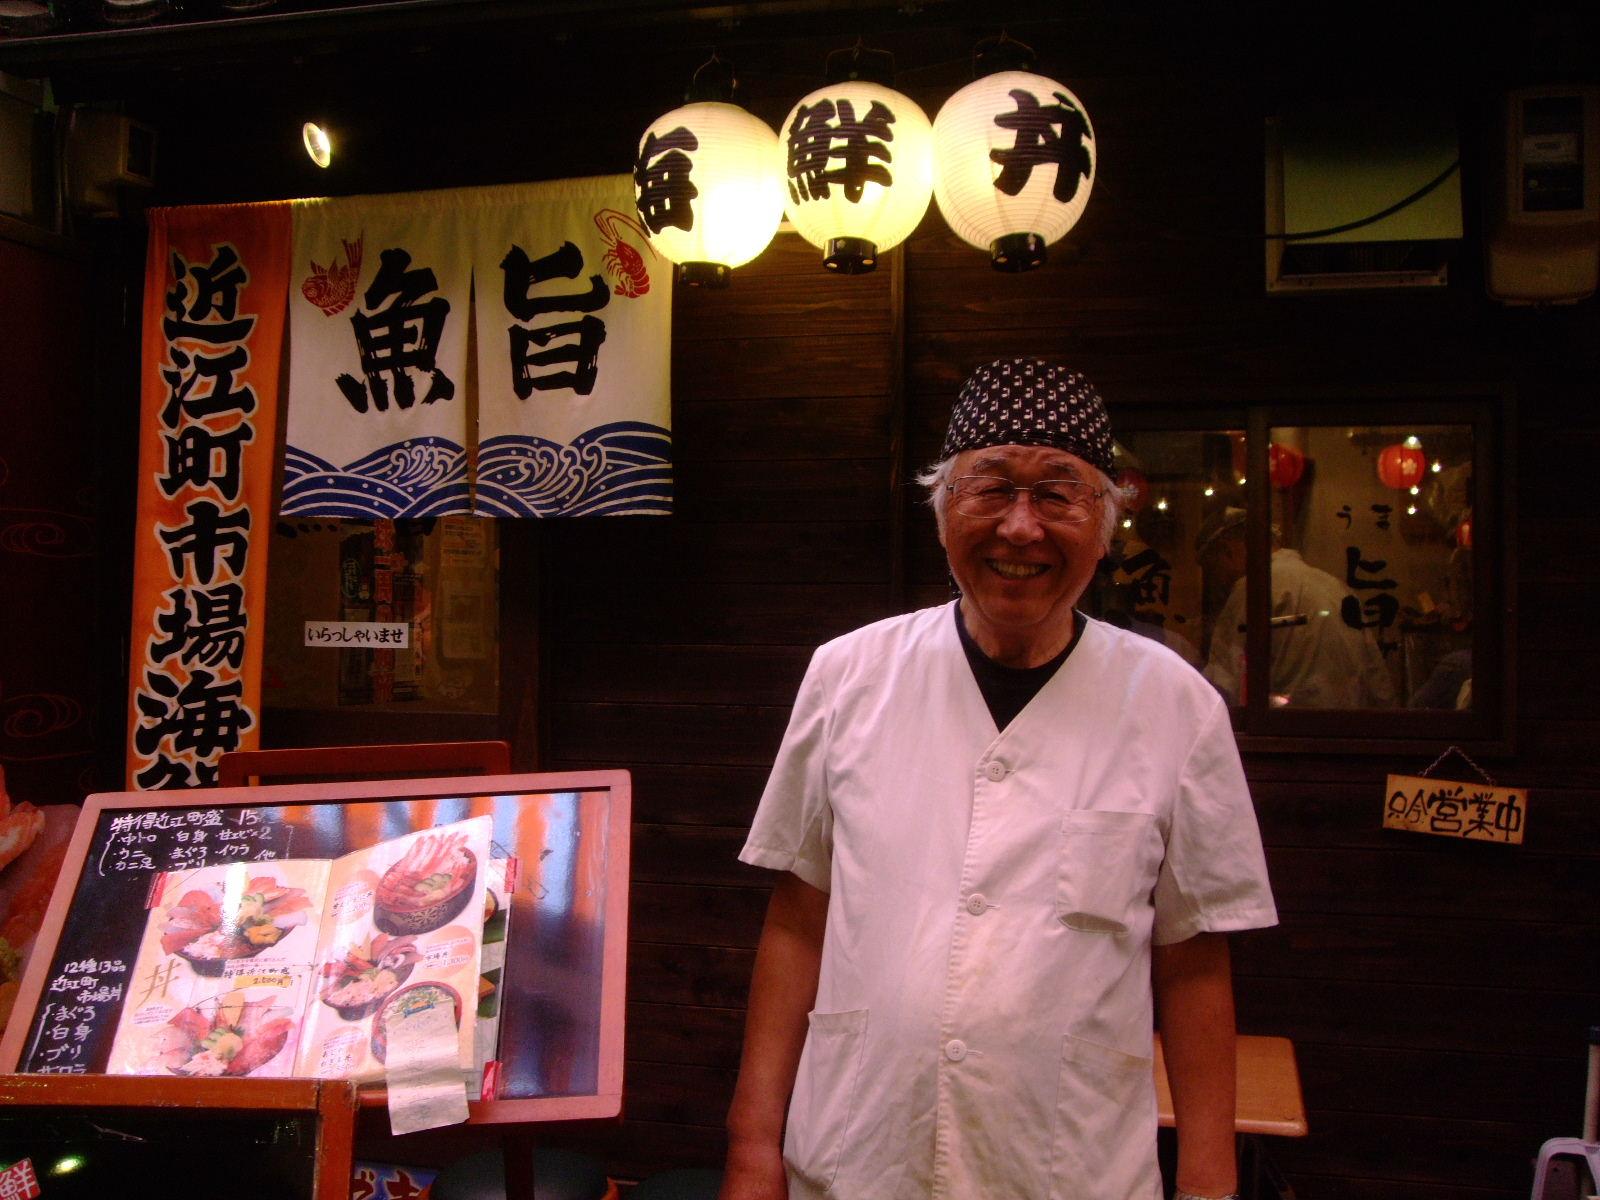 第1話 金沢はまず近江町市場で食し、石川県立美術館のカフェでのんびり_f0100593_16593234.jpg